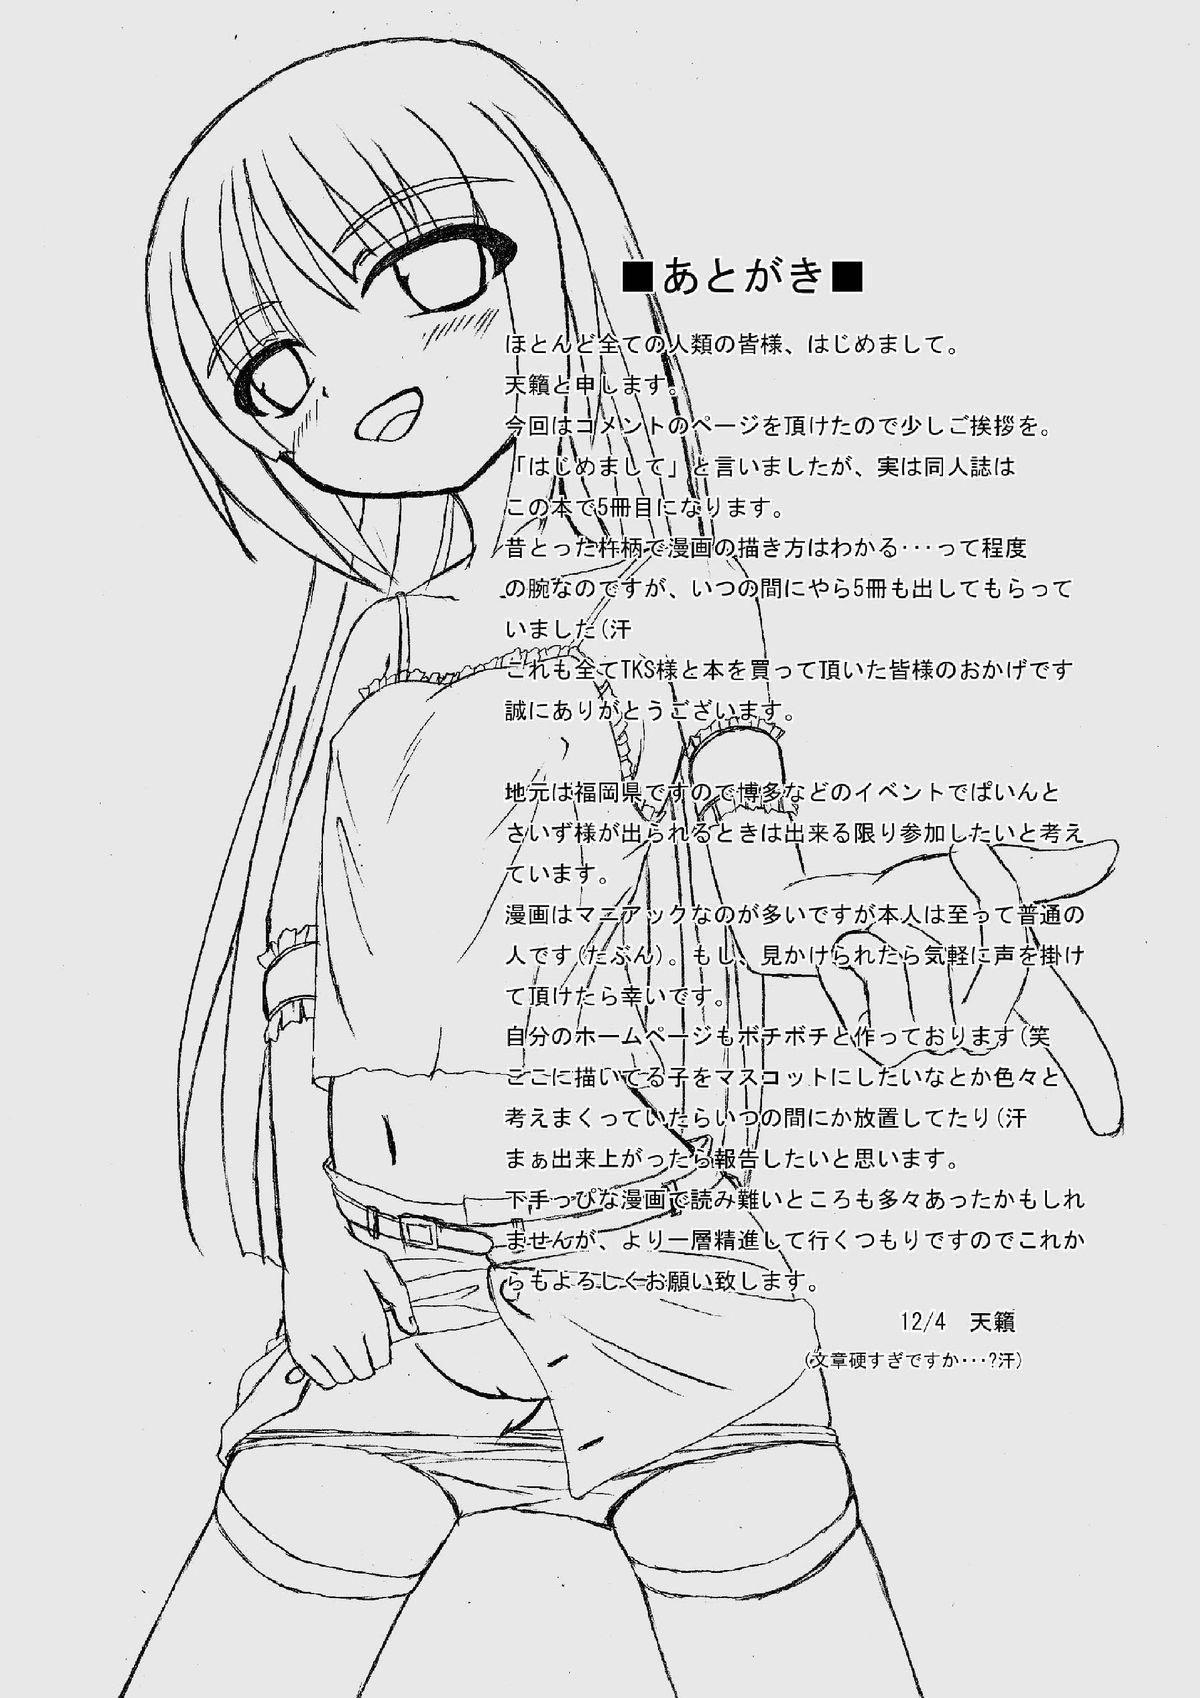 Camus-sama ni Kussai Awabi o Tsukimakurareta Kagamine Rin ga Omorashi Exodus 21